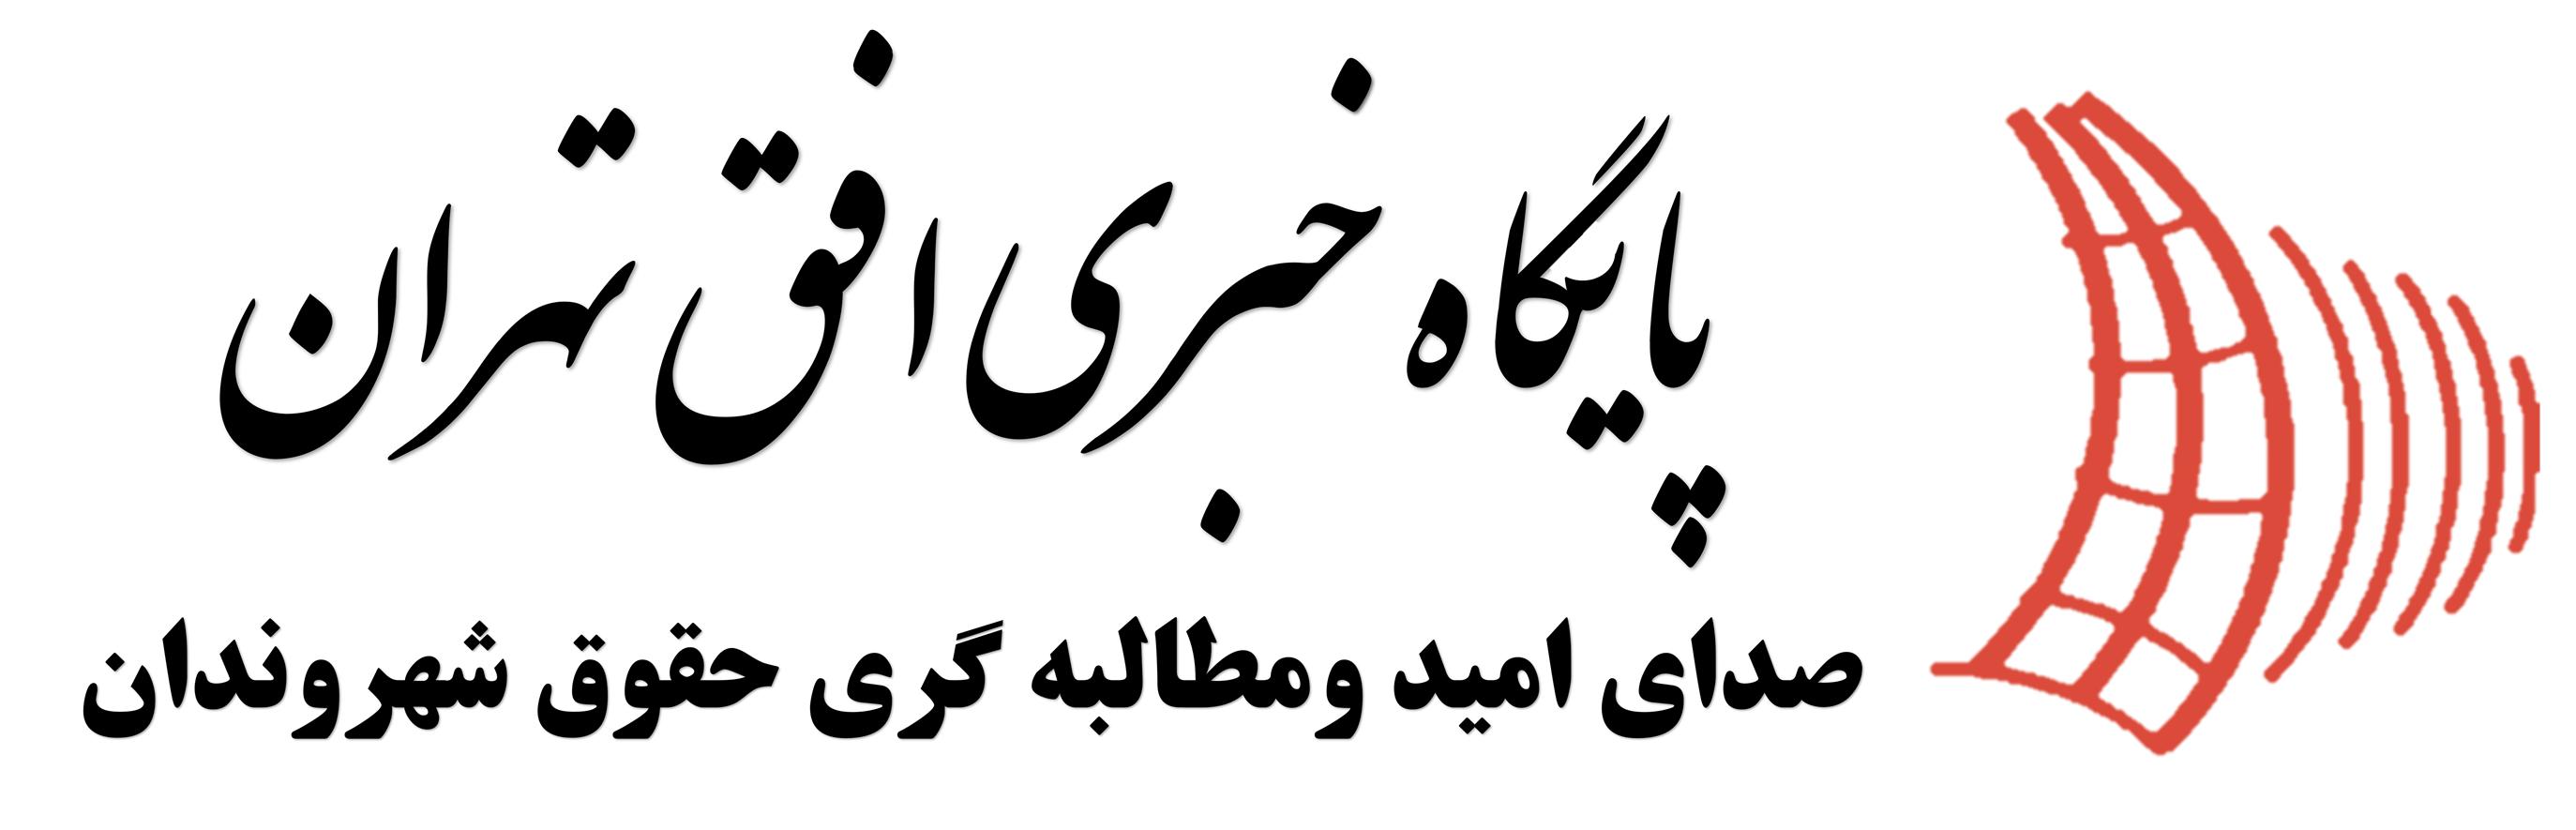 پایگاه خبری افق تهران